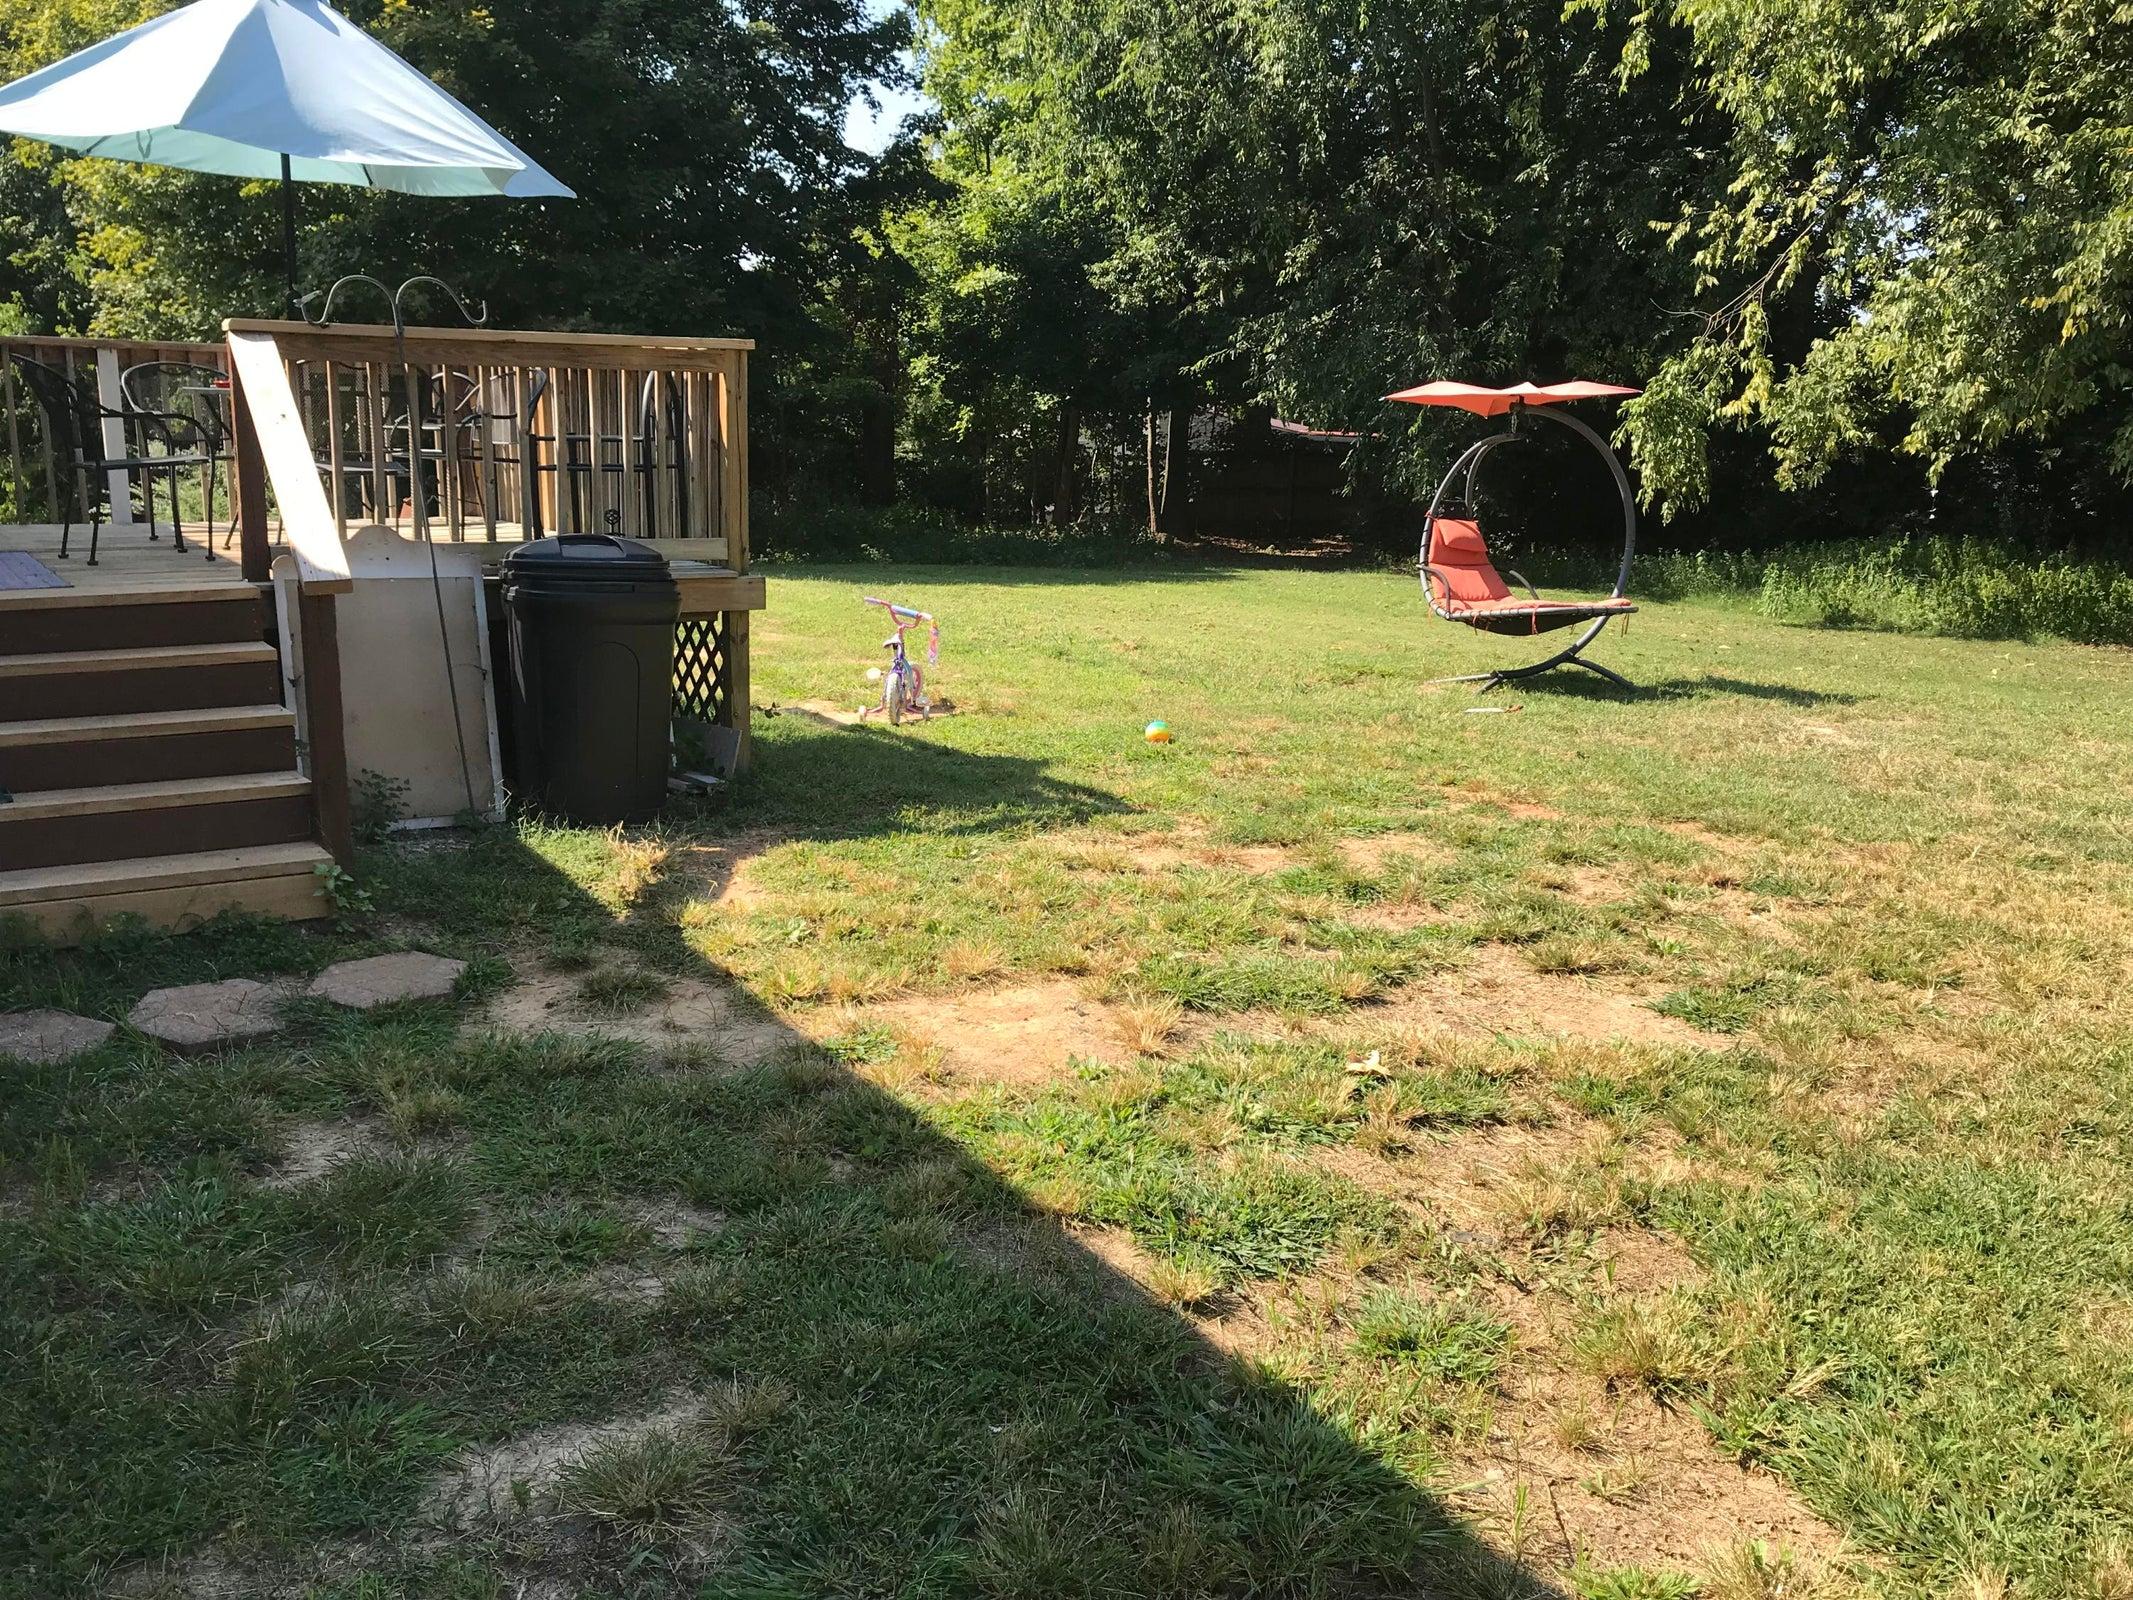 806 Old McGinley backyard